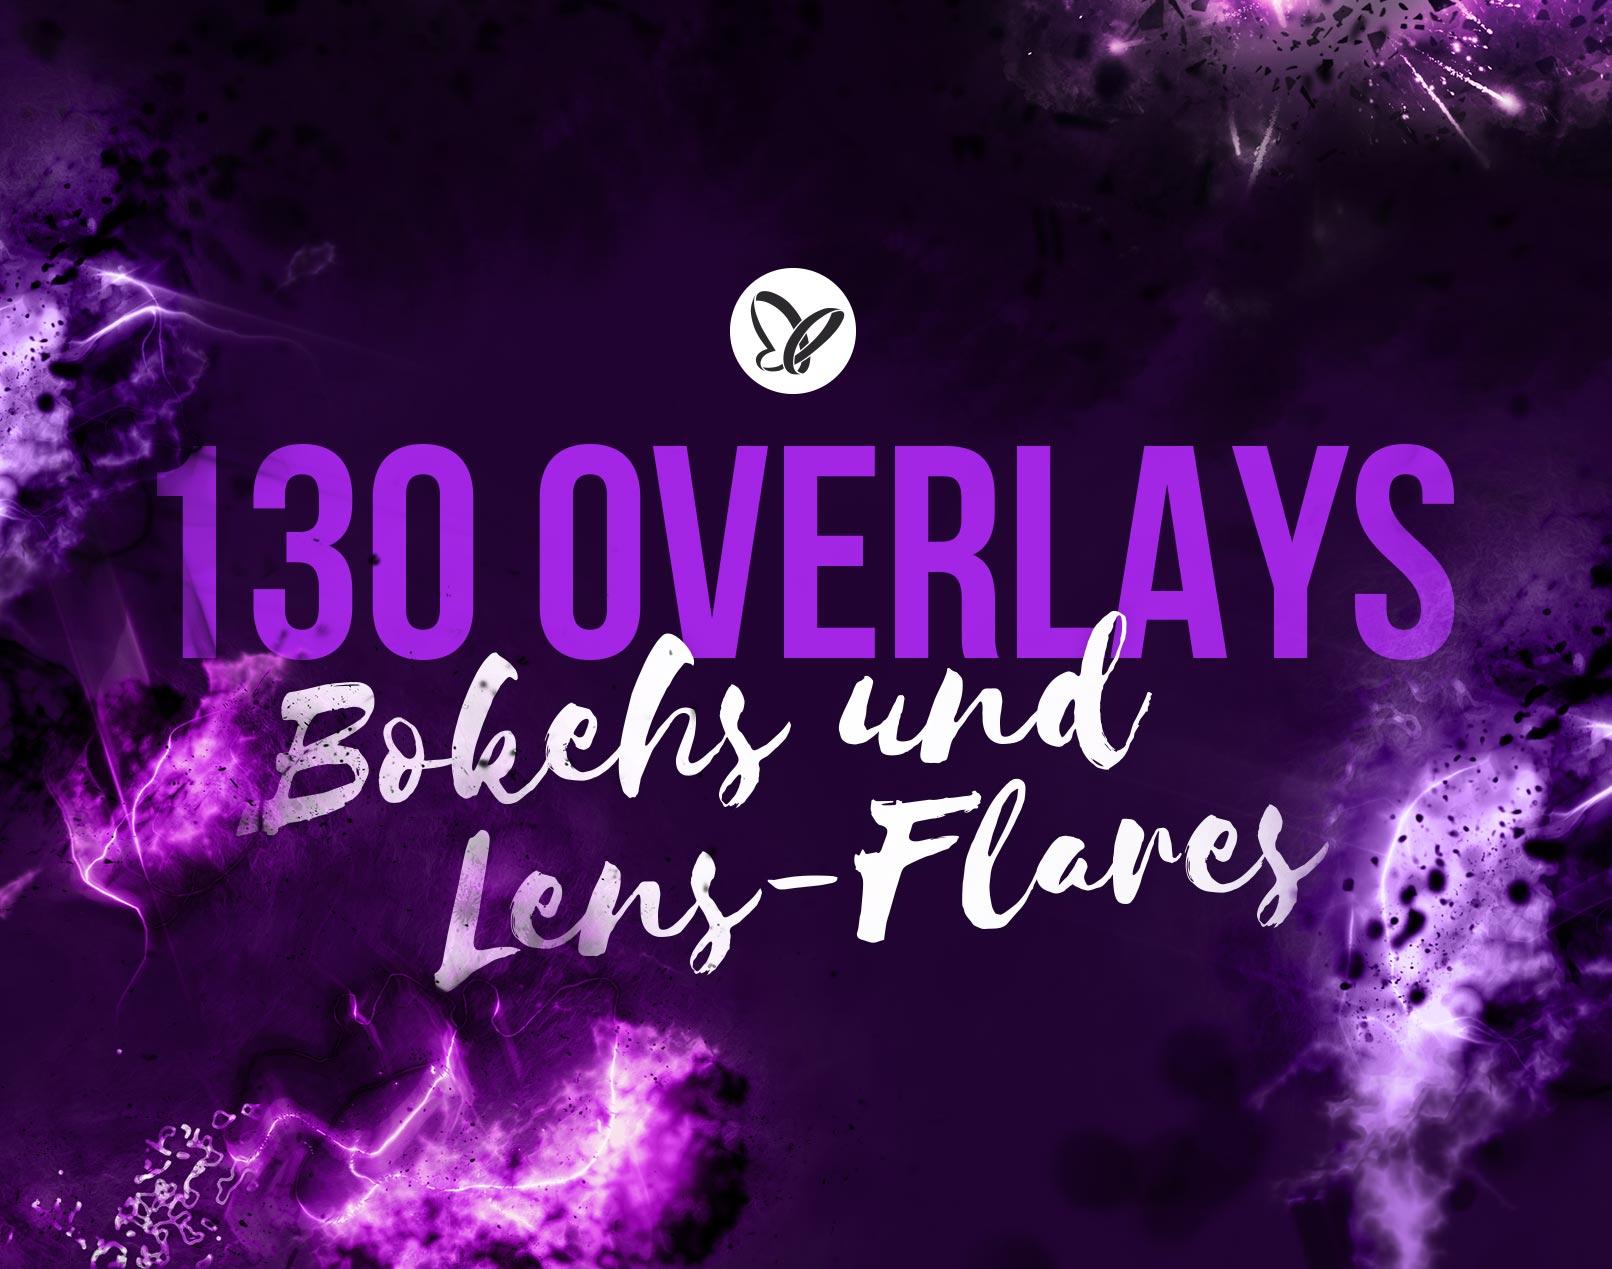 130 Overlays für Explosions-, Bokeh- und Blitz-Effekte